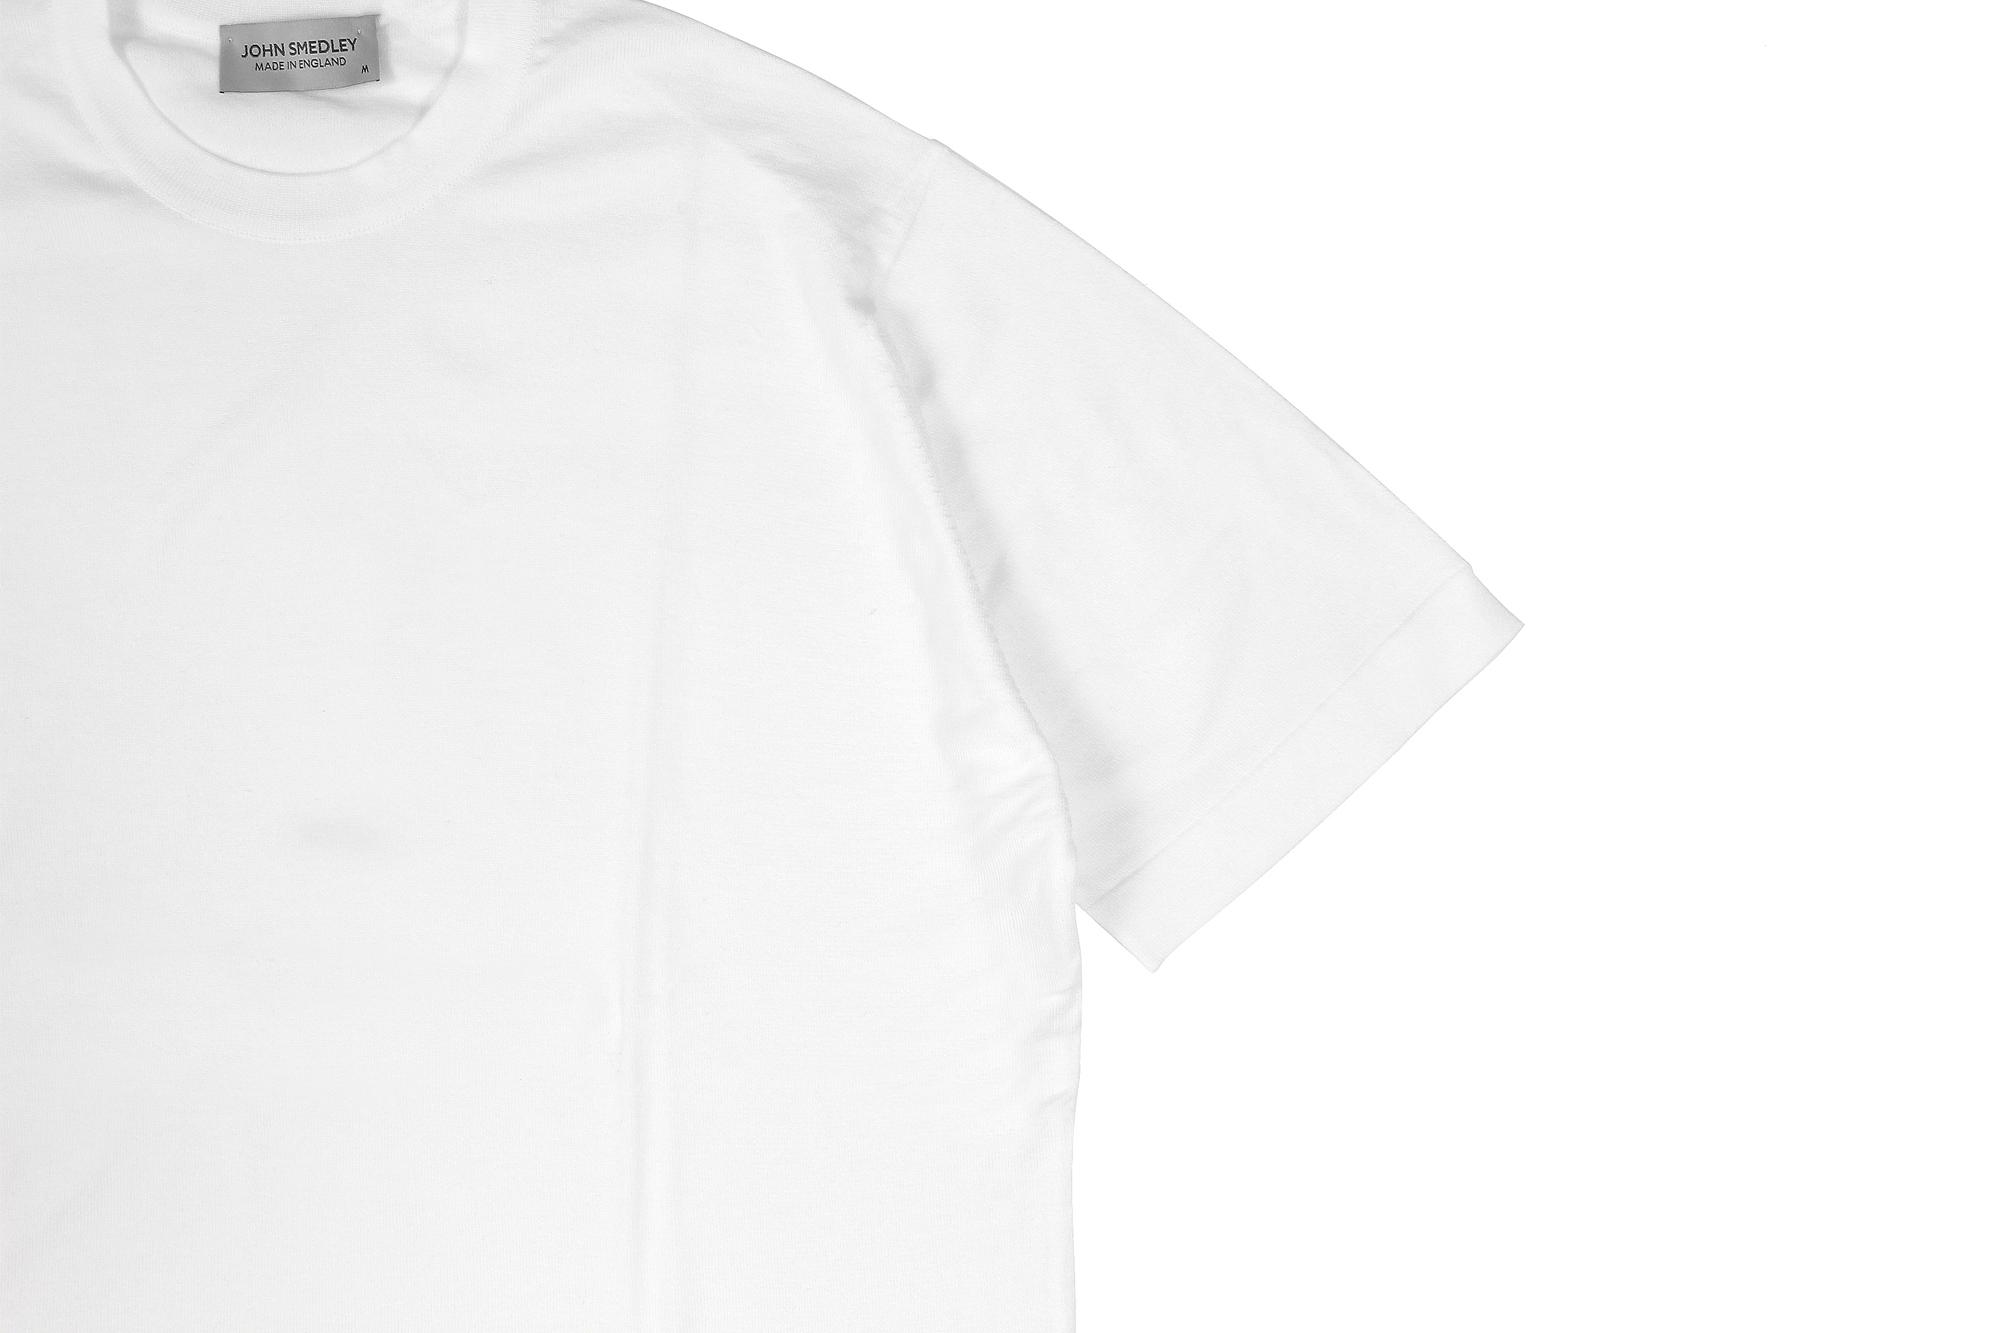 JOHN SMEDLEY(ジョンスメドレー) LORCA (ロルカ) SEA ISLAND COTTON (シーアイランドコットン) コットンニット Tシャツ WHITE (ホワイト) Made in England (イギリス製) 2020 春夏新作 愛知 名古屋 altoediritto アルトエデリット